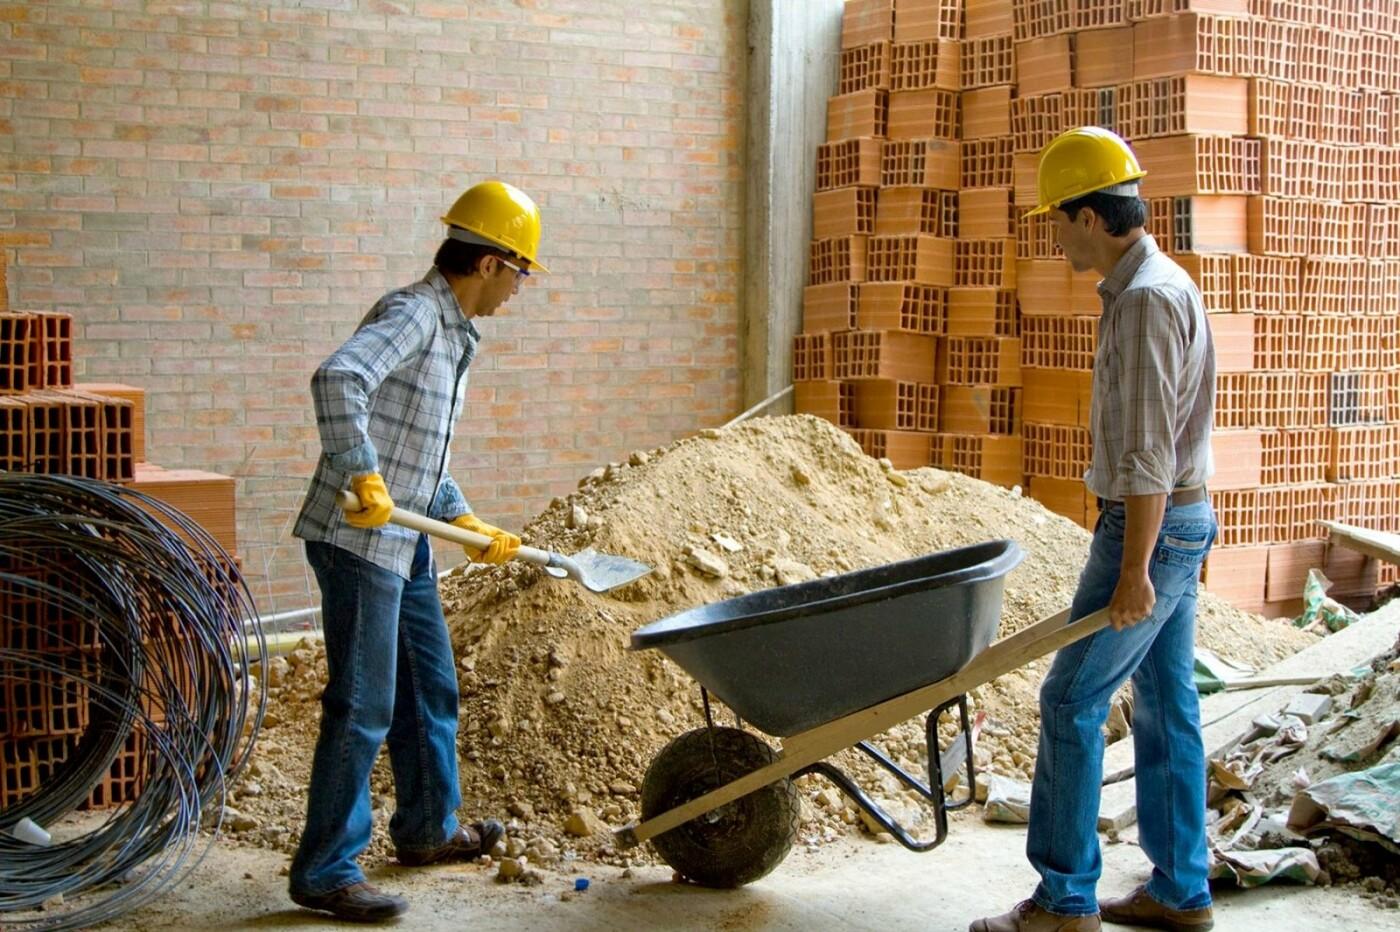 Работа в Германии на строительстве: преимущества и ключевые вакансии, фото-1